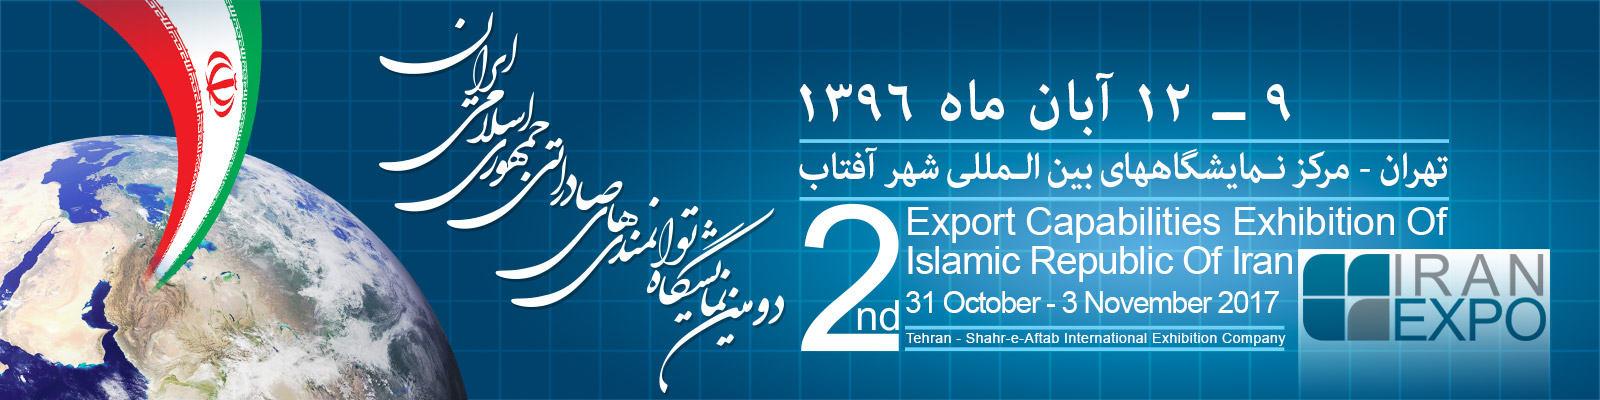 ایران اکسپو-دومین نمایشگاه توانمندی های صادراتی جمهوری اسلامی ایران